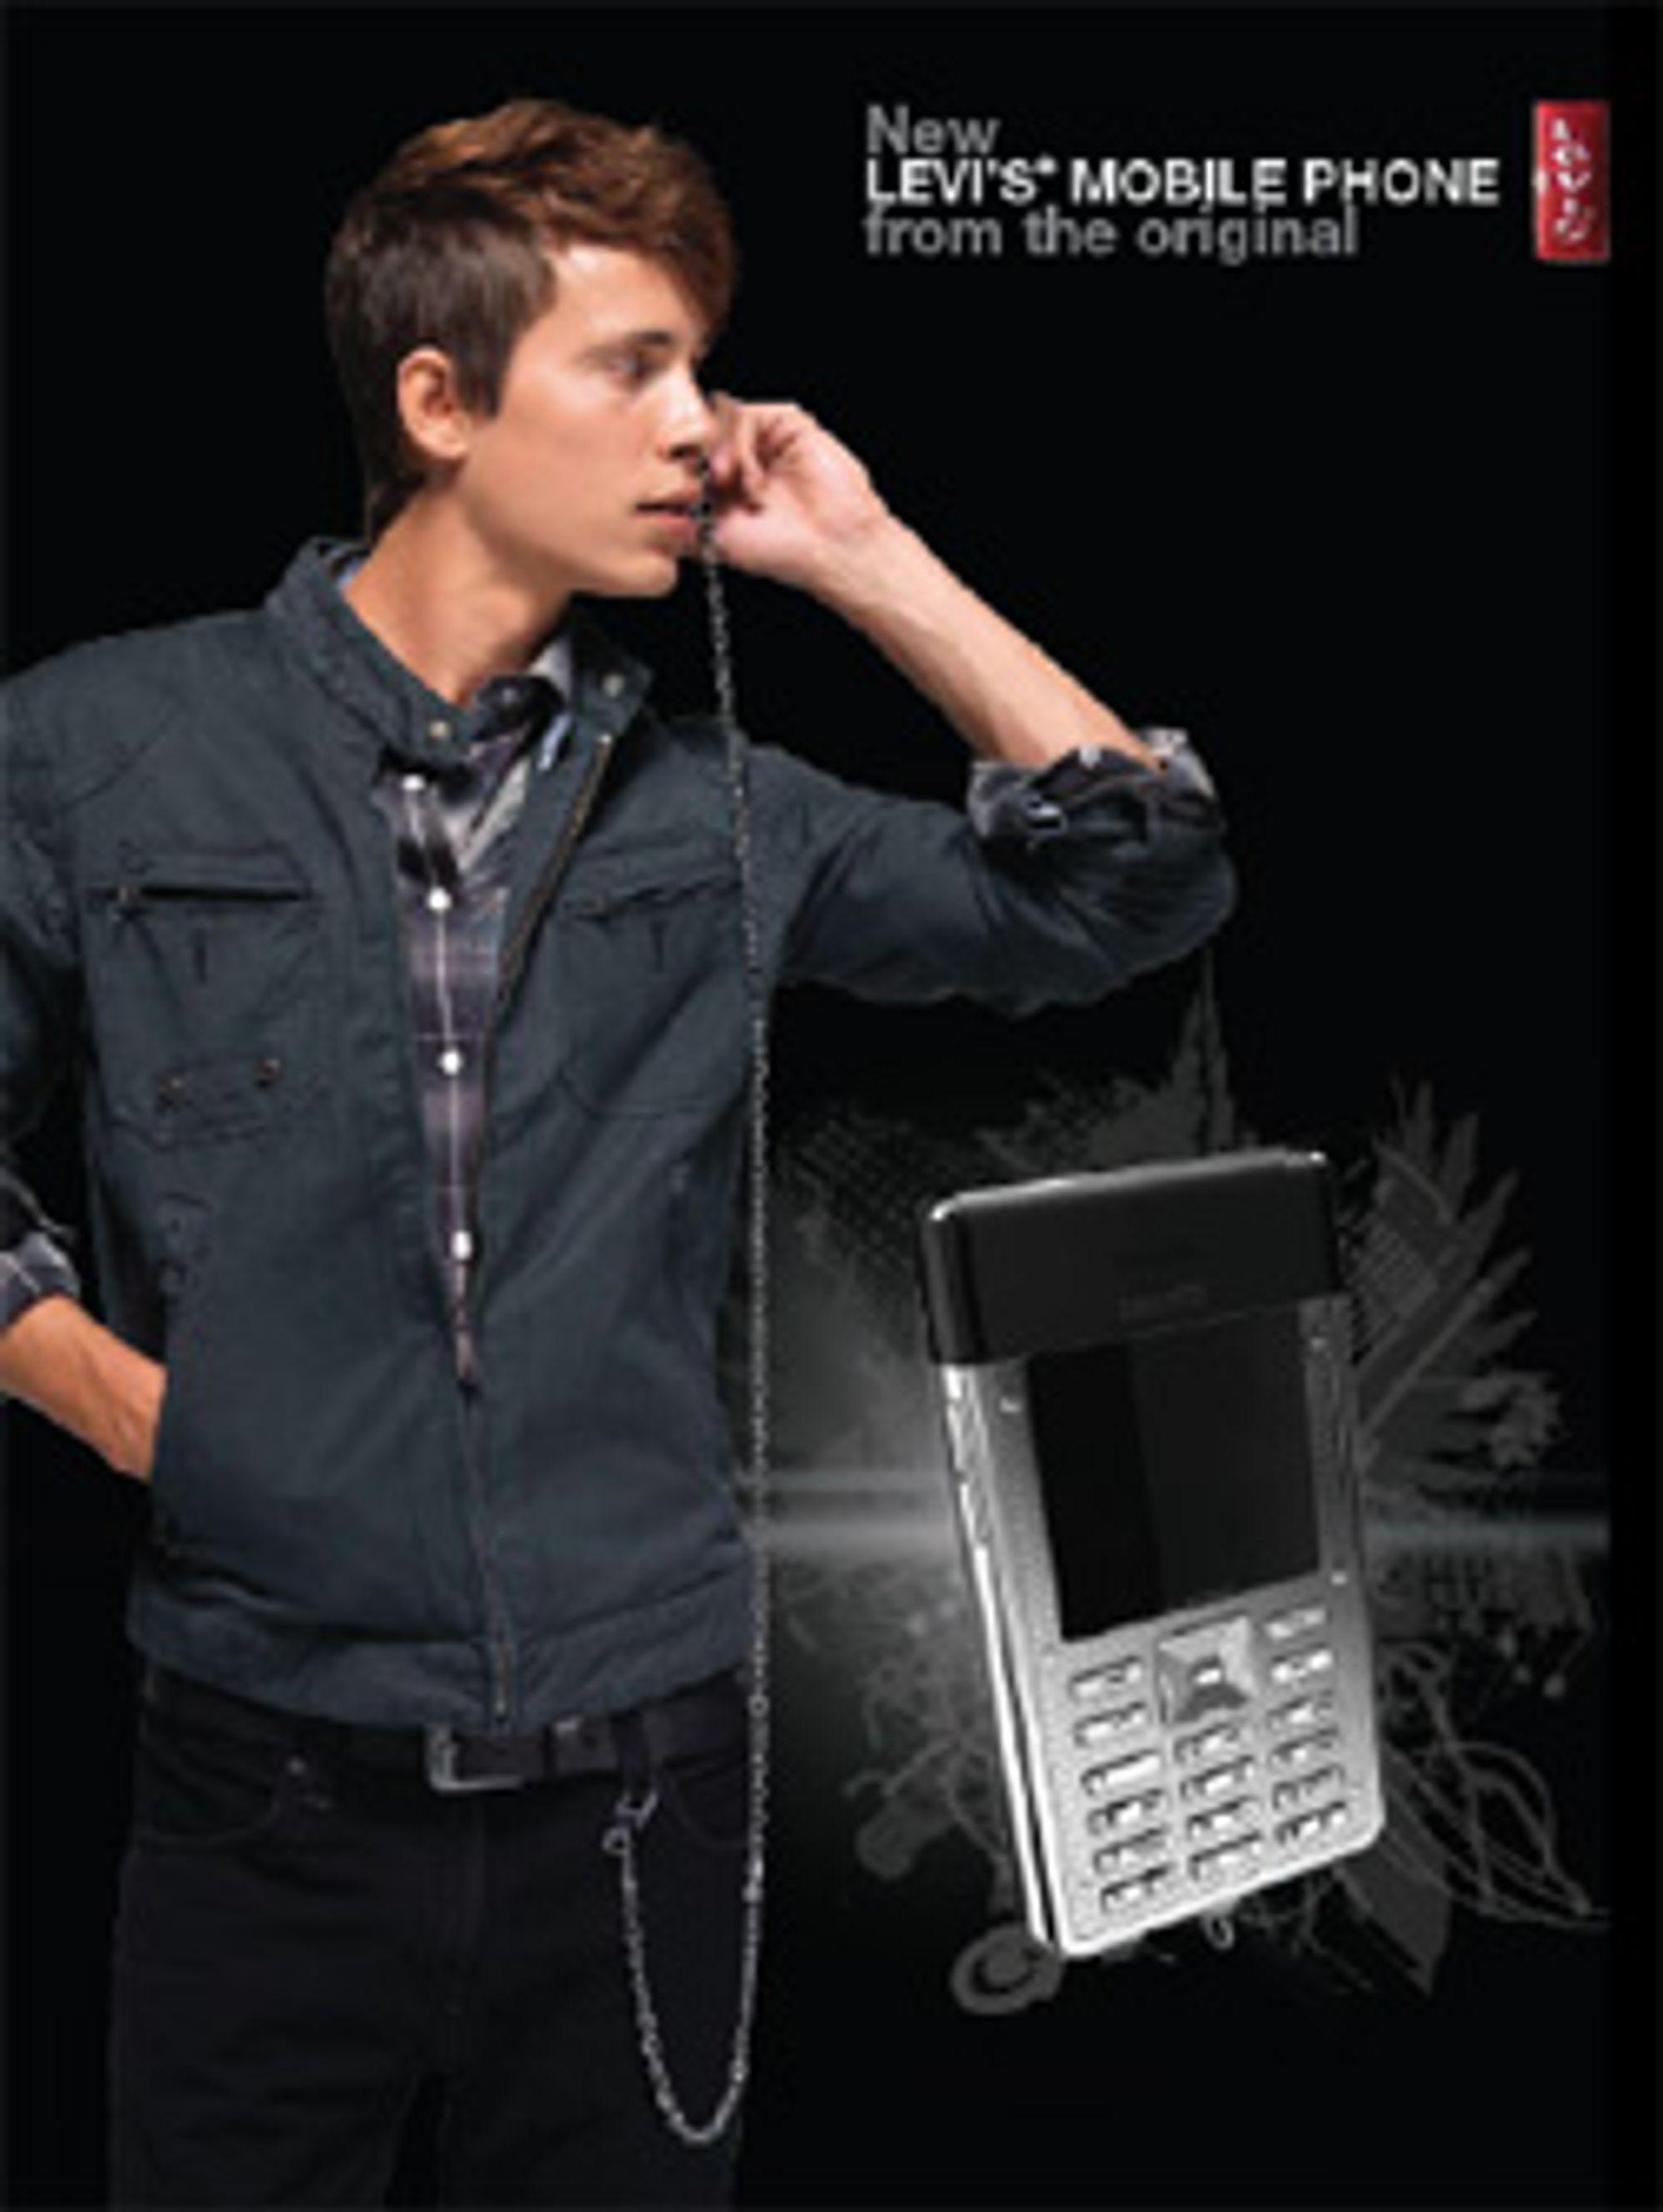 Her er Levi's-telefonen. (Bilde: Levi's)